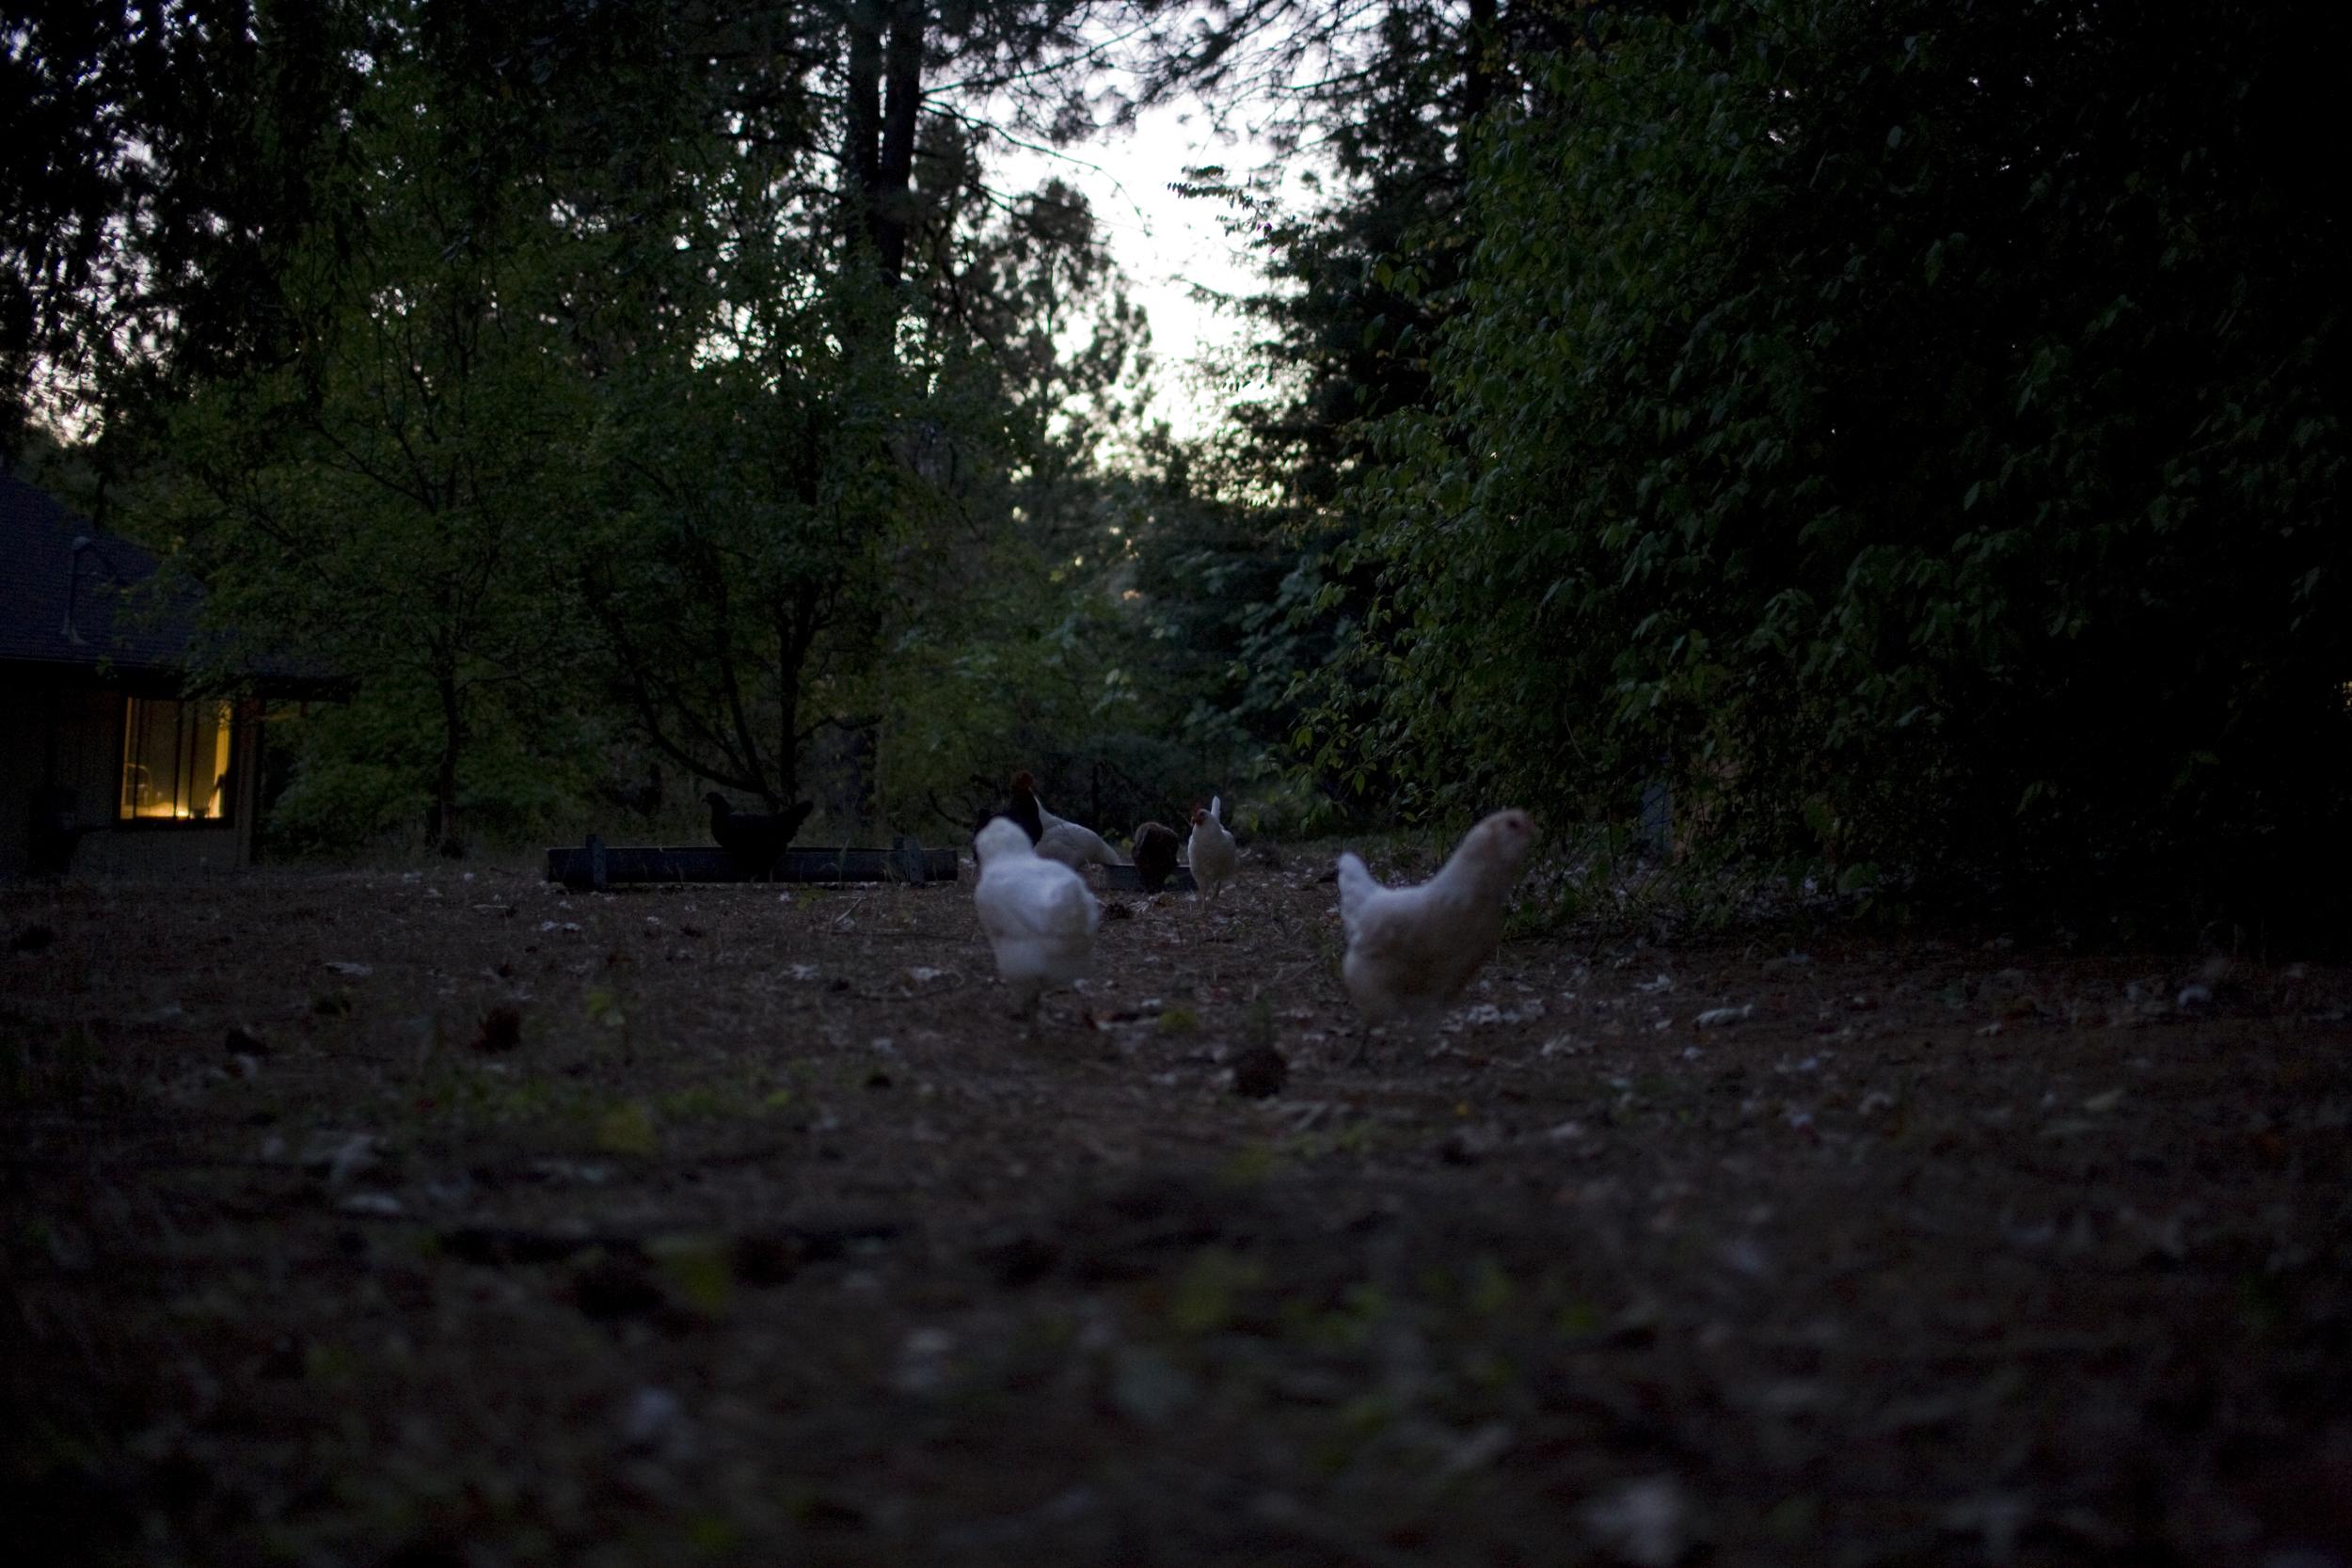 chickens dawn.jpg